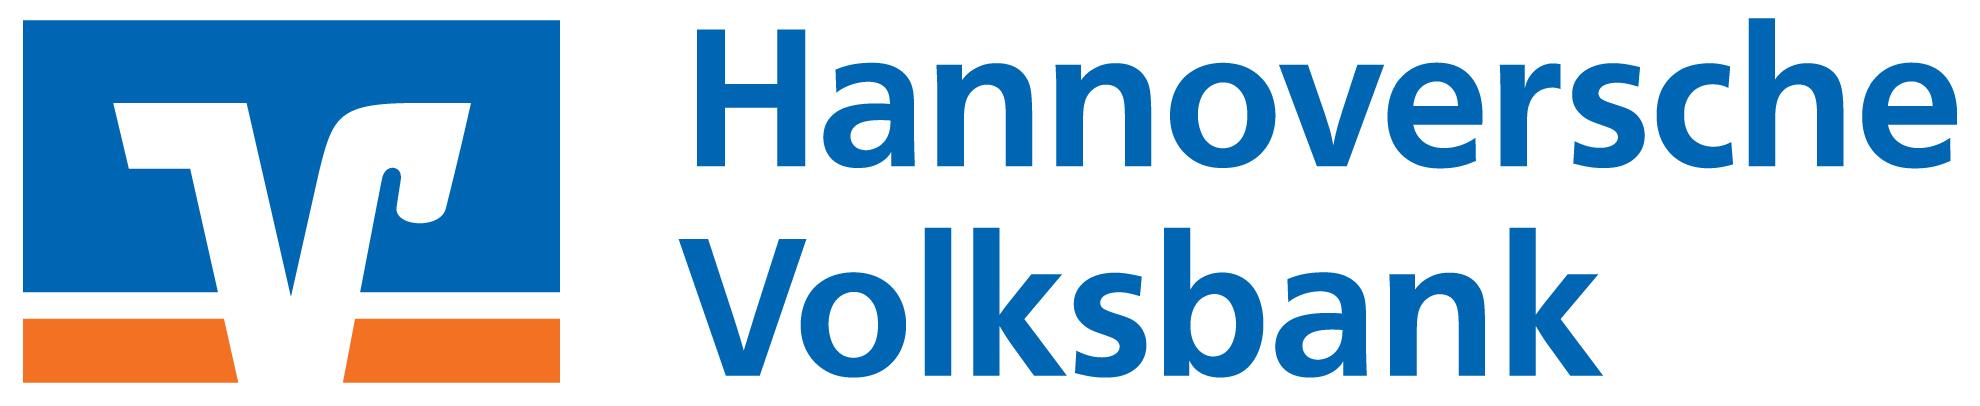 Hannoversche Volksbank eG Geldautomat Hannover (Hauptbahnhof / U-Bahnstation Linie 3, 7 und 9)